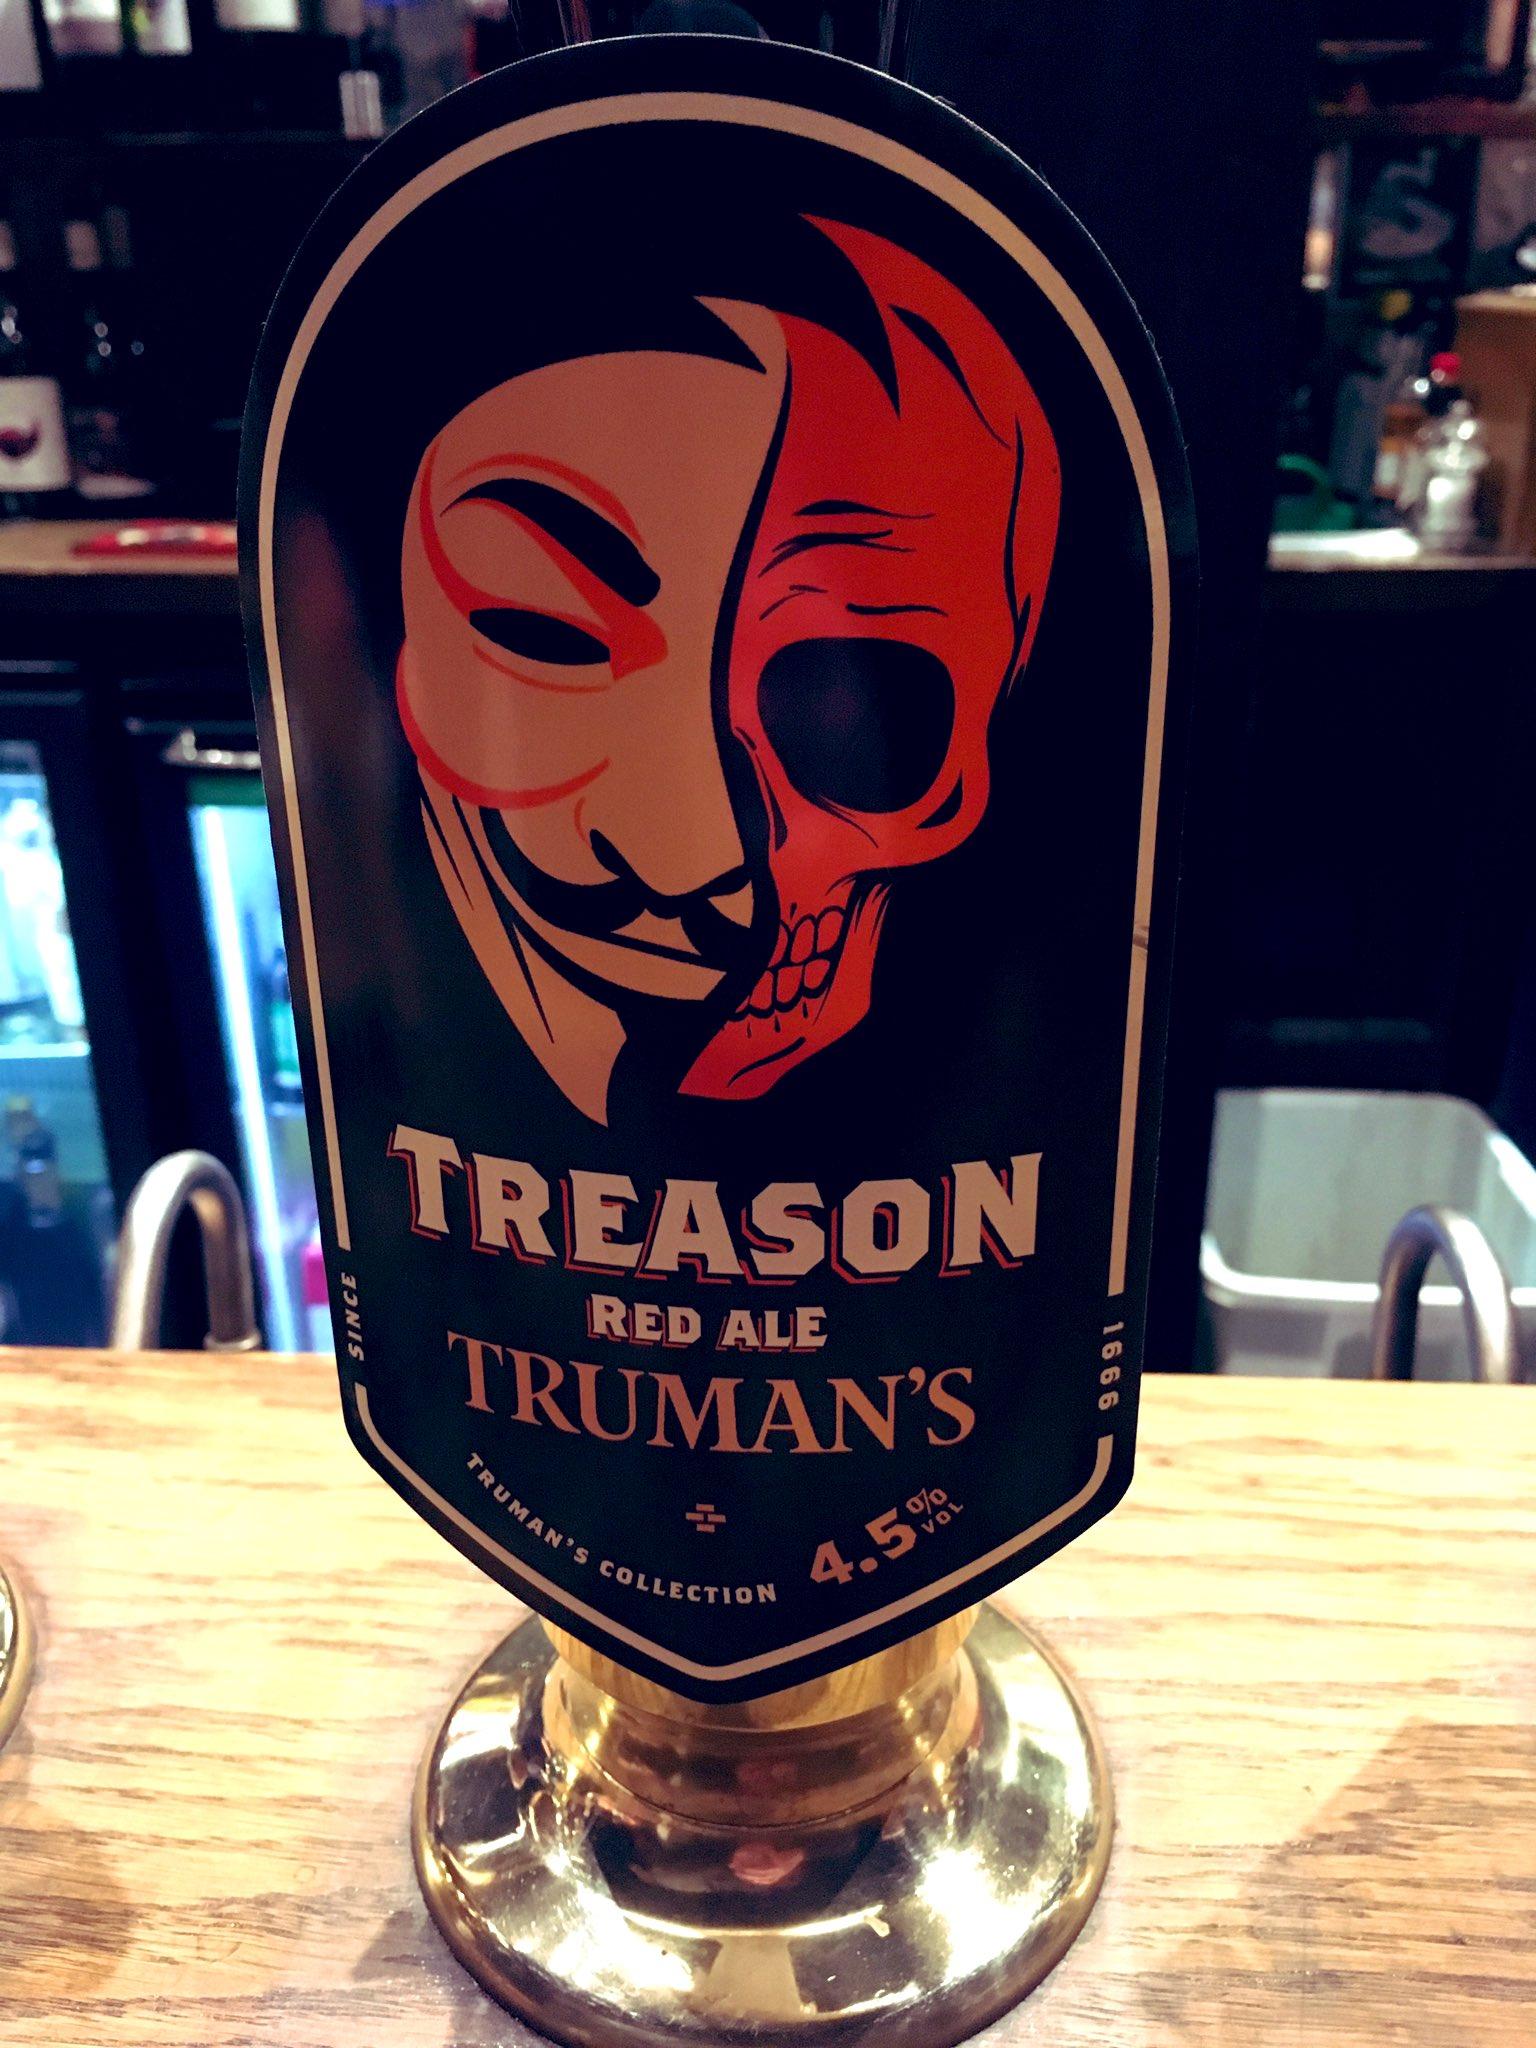 10: Treason